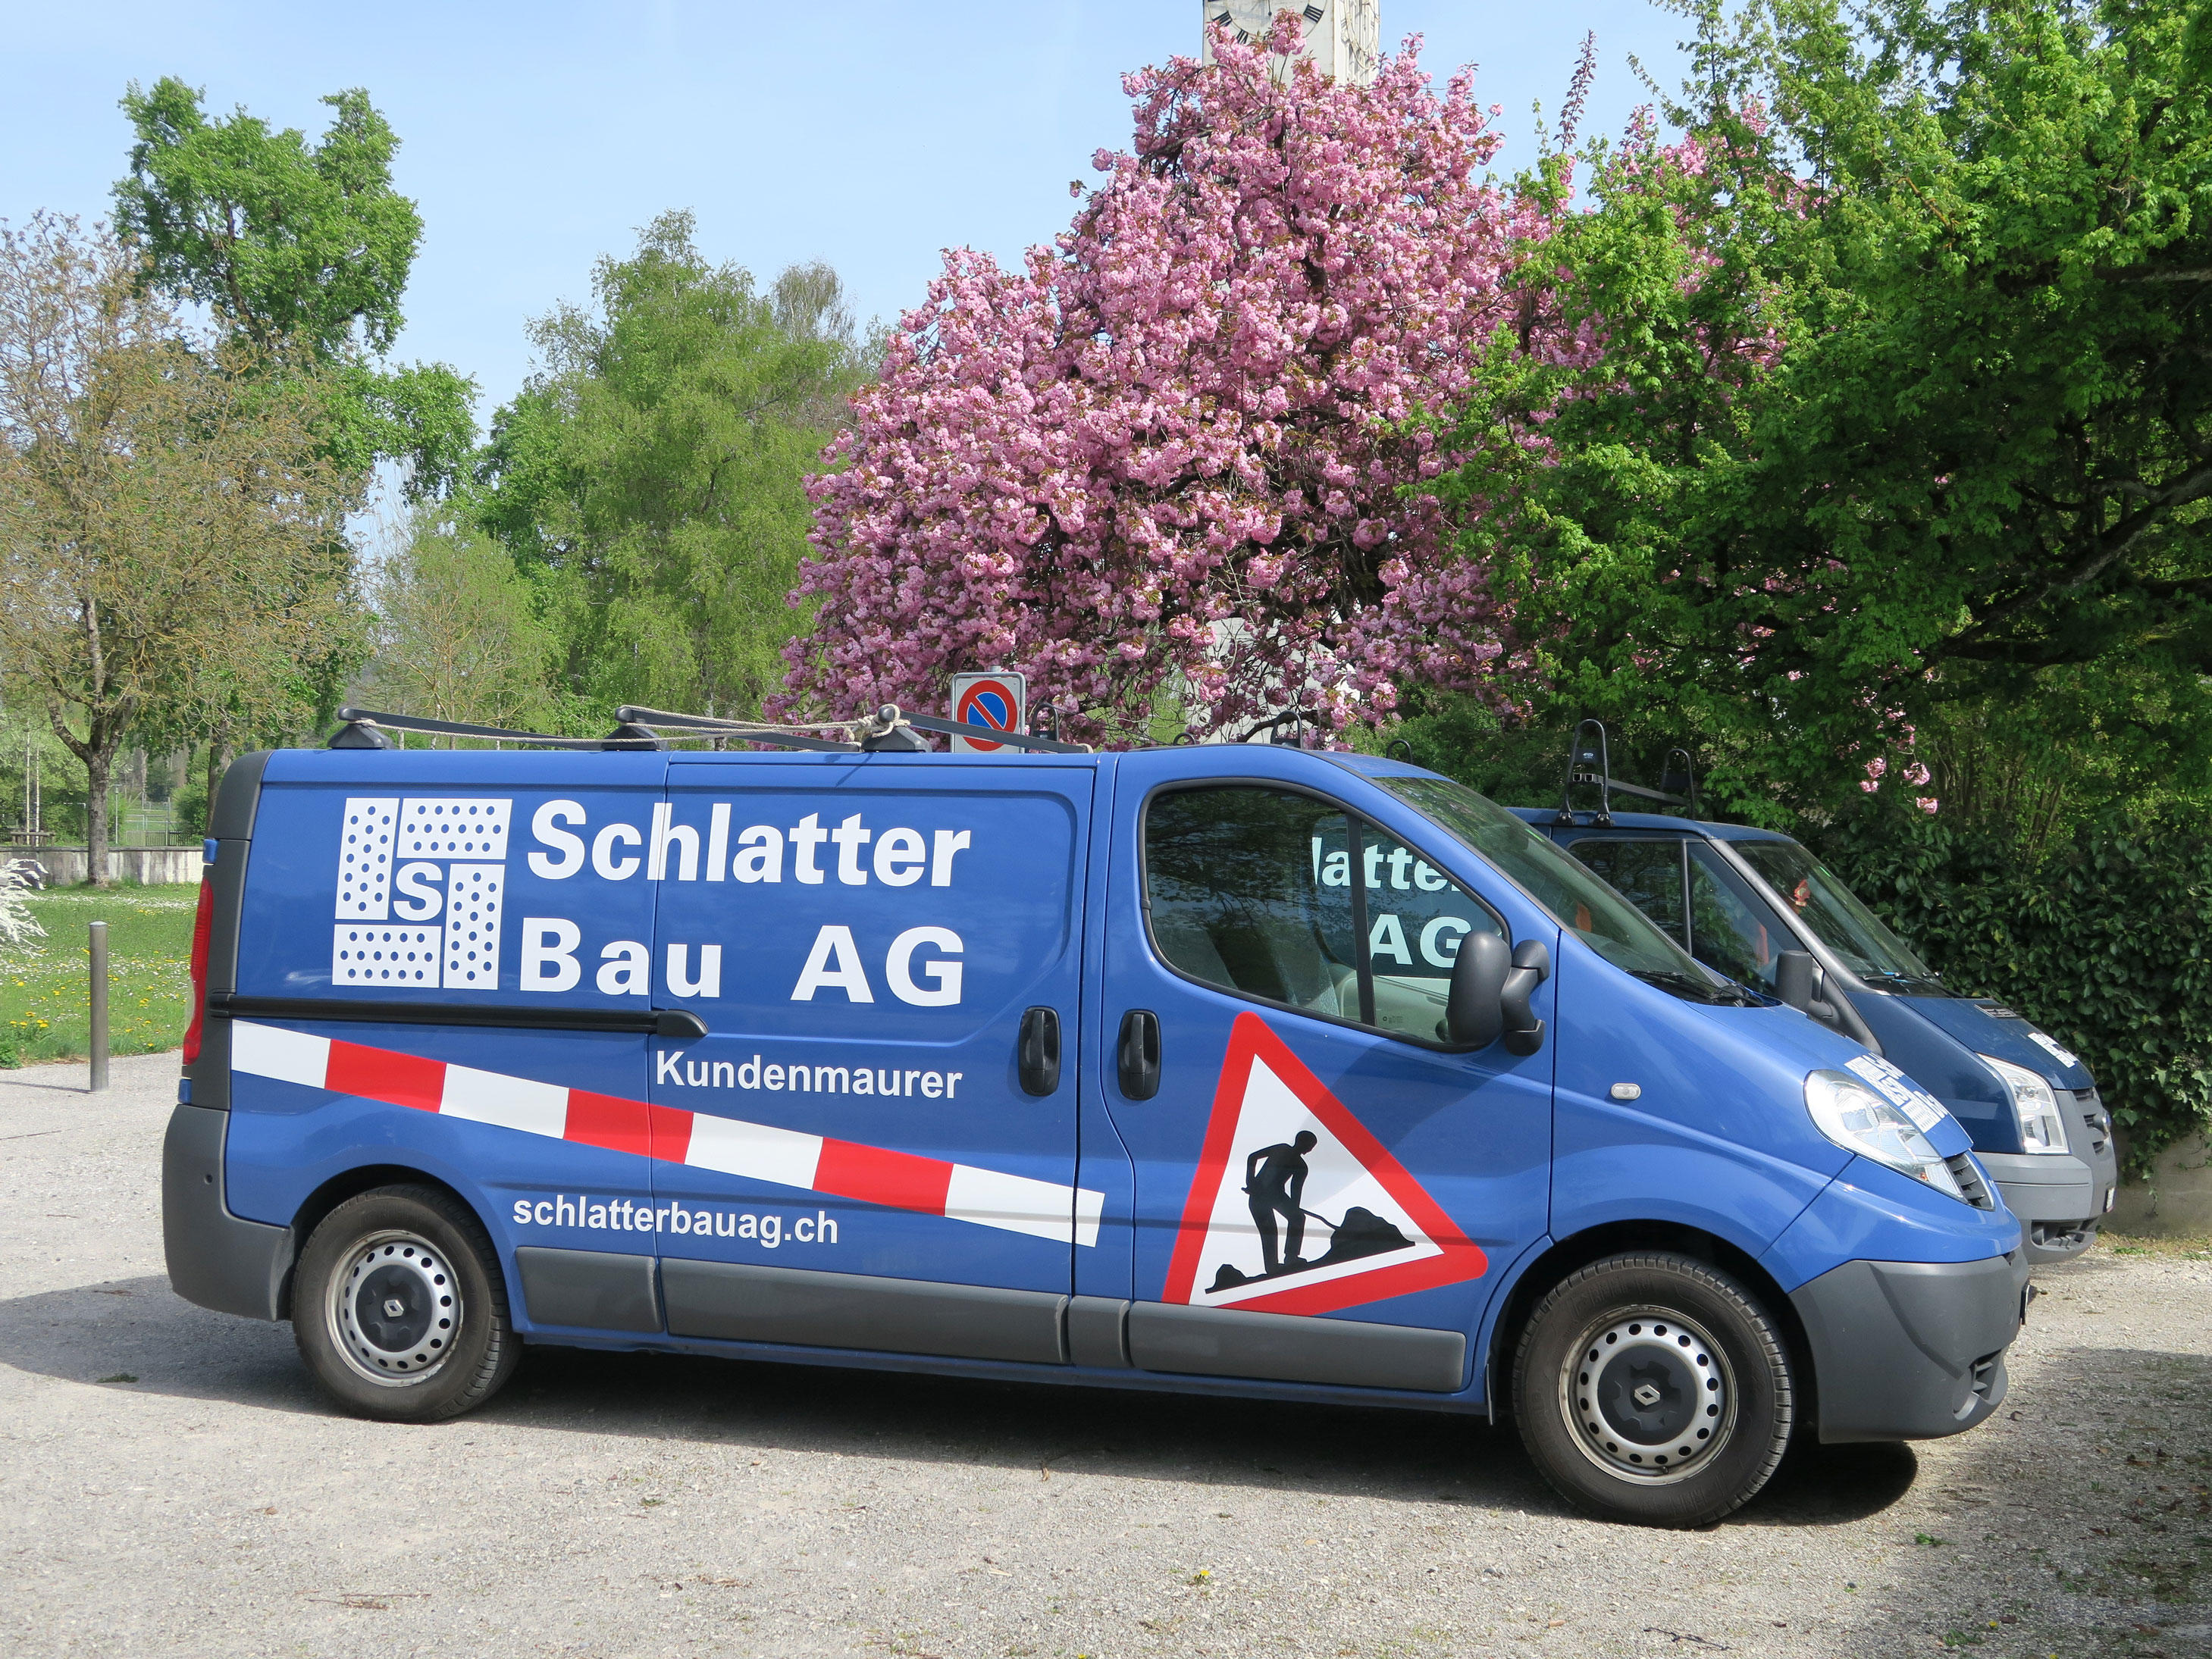 Schlatter Bau AG